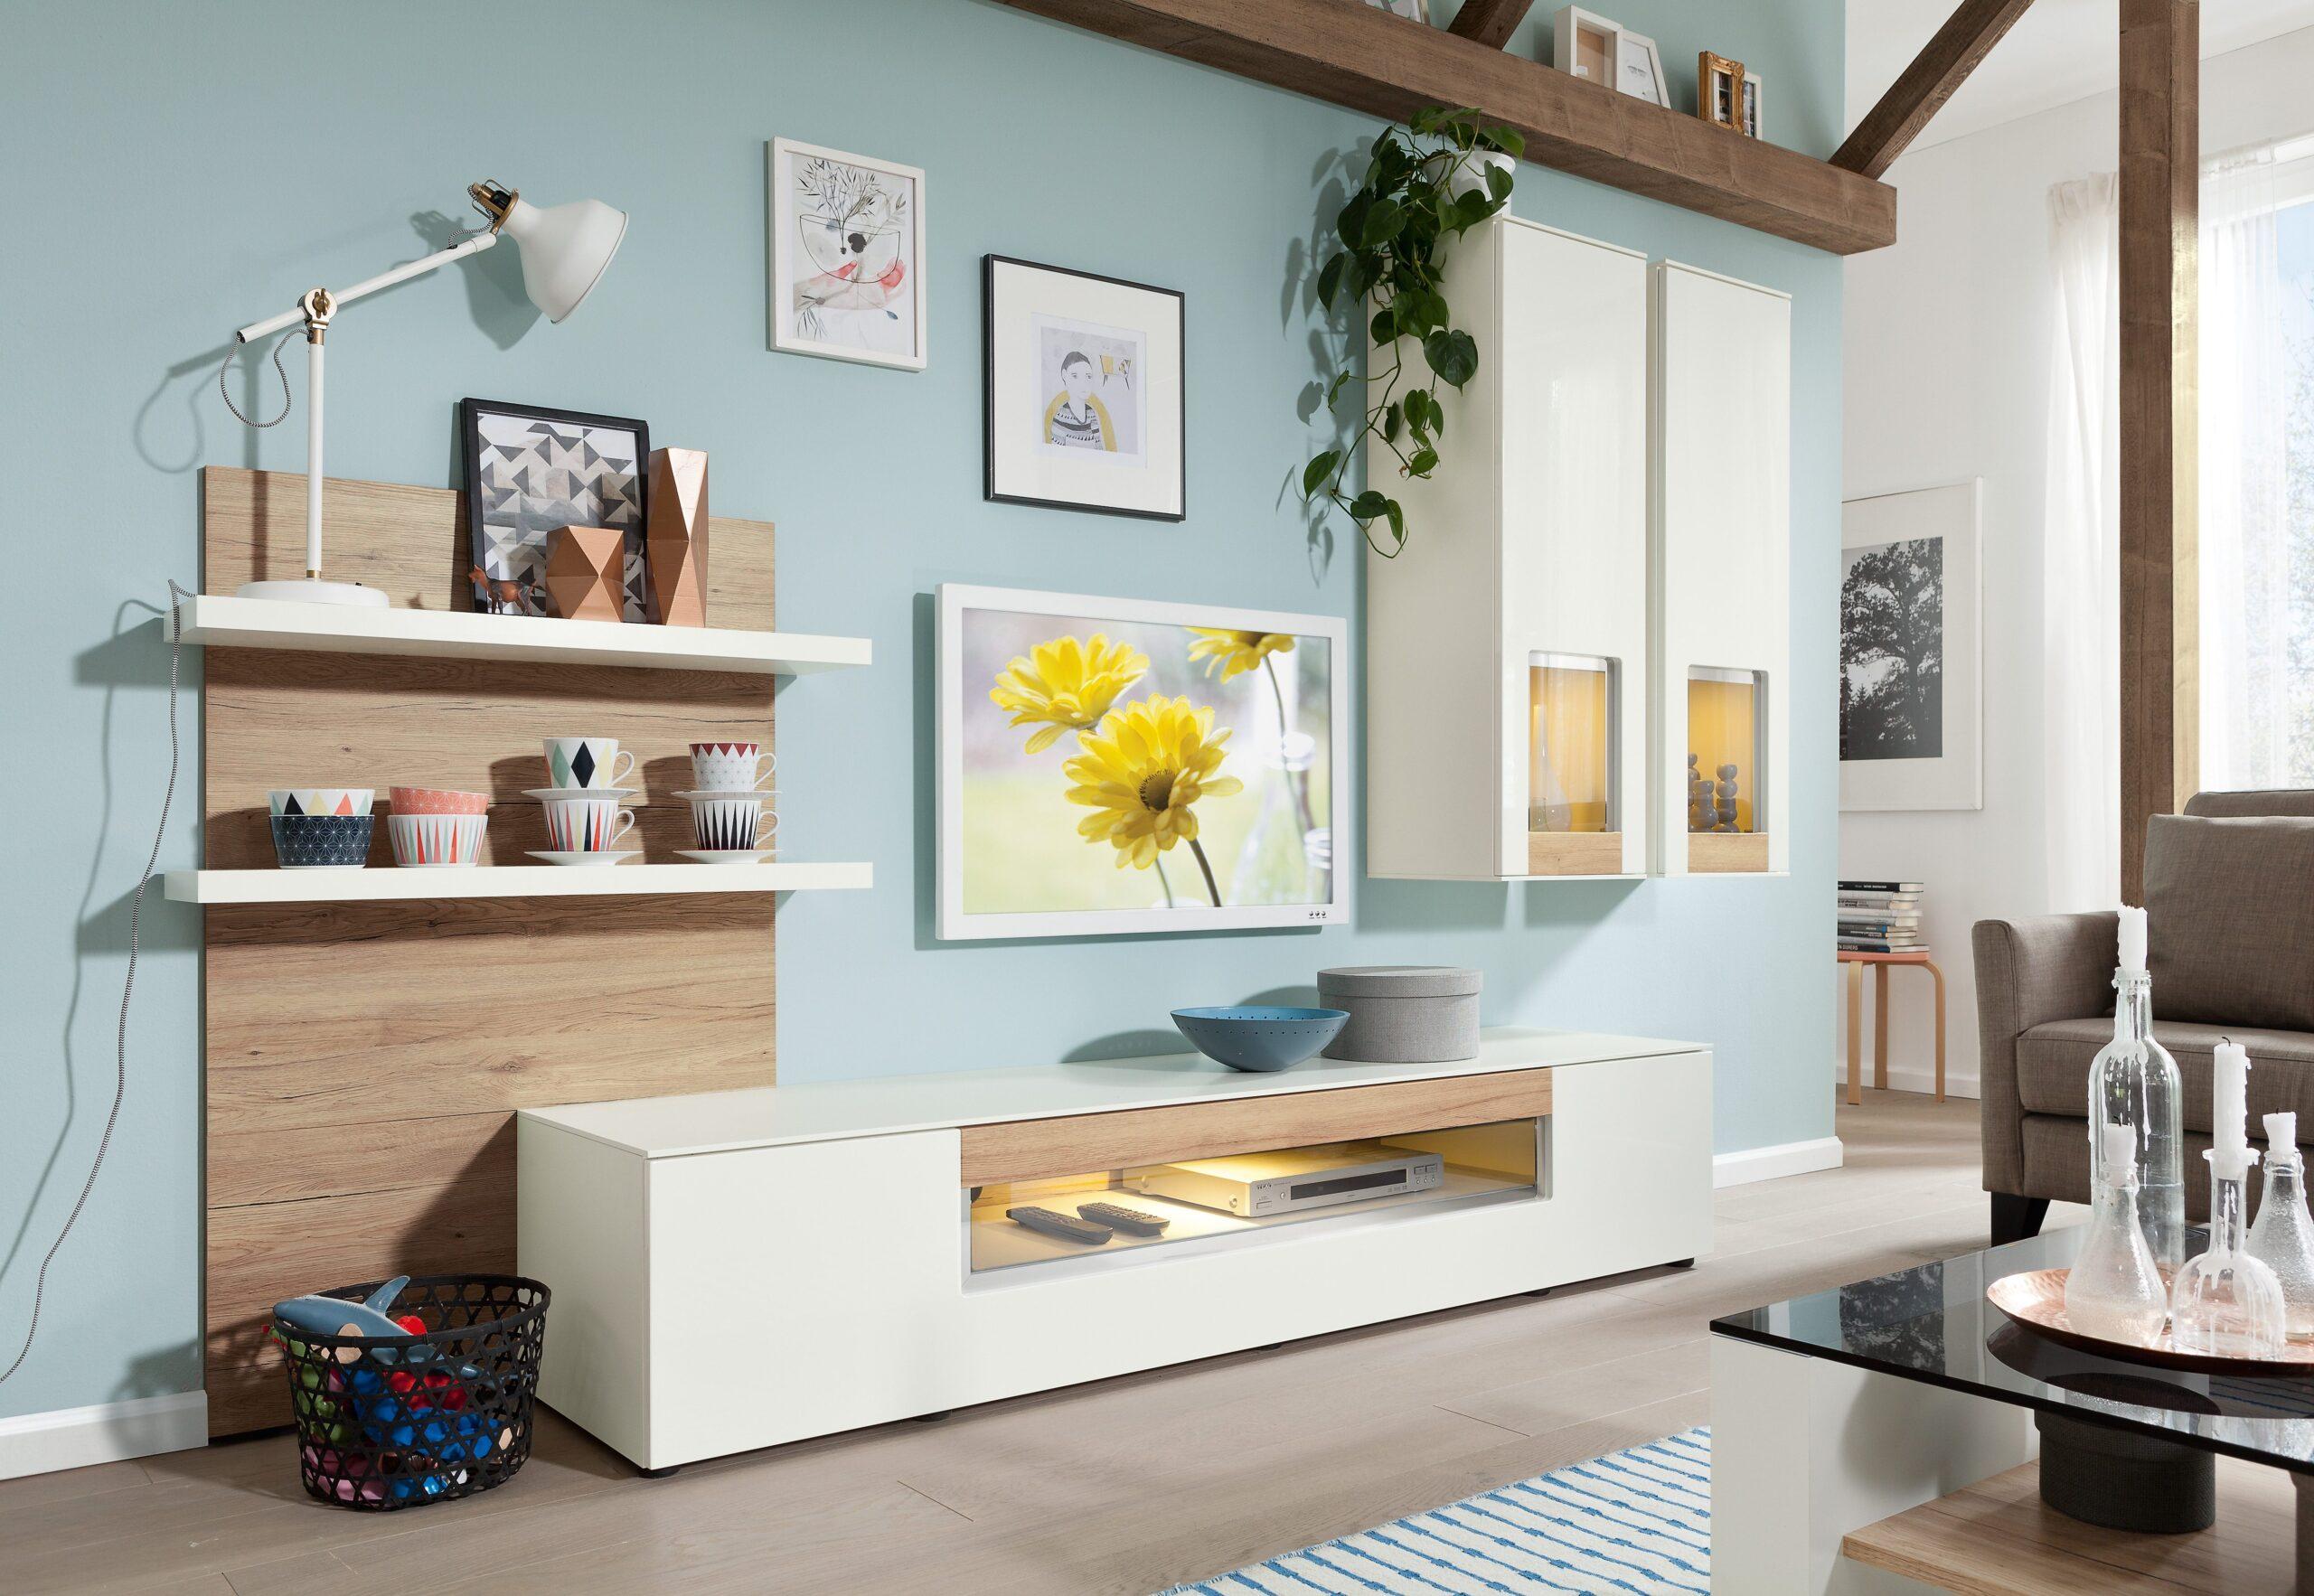 Full Size of Qualitt Ikea Kche Fensterfolie Quer Blue Mandala Creatisto Sofa Mit Schlaffunktion Küche Kaufen Miniküche Kosten Modulküche Betten Bei 160x200 Wohnzimmer Fensterfolie Ikea